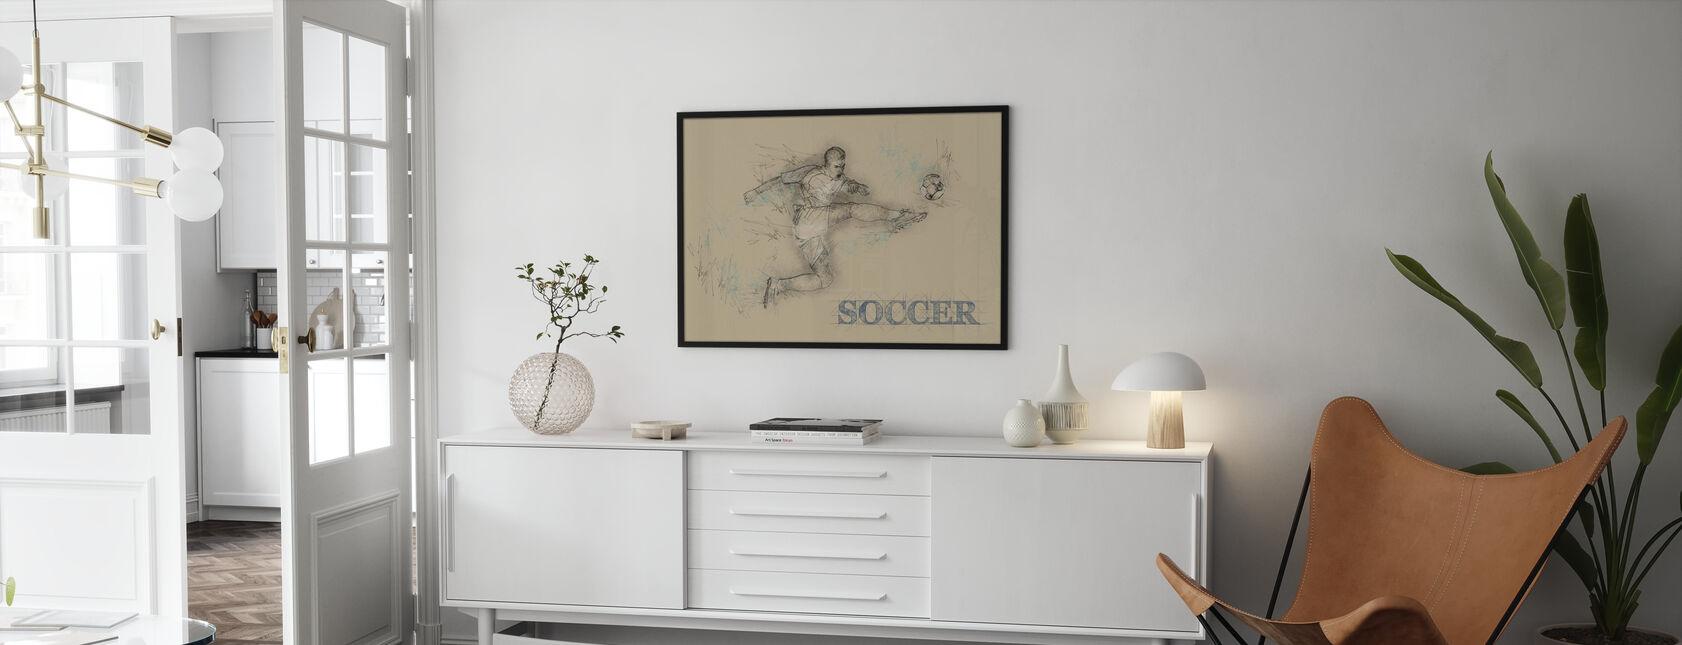 Soccer - Framed print - Living Room